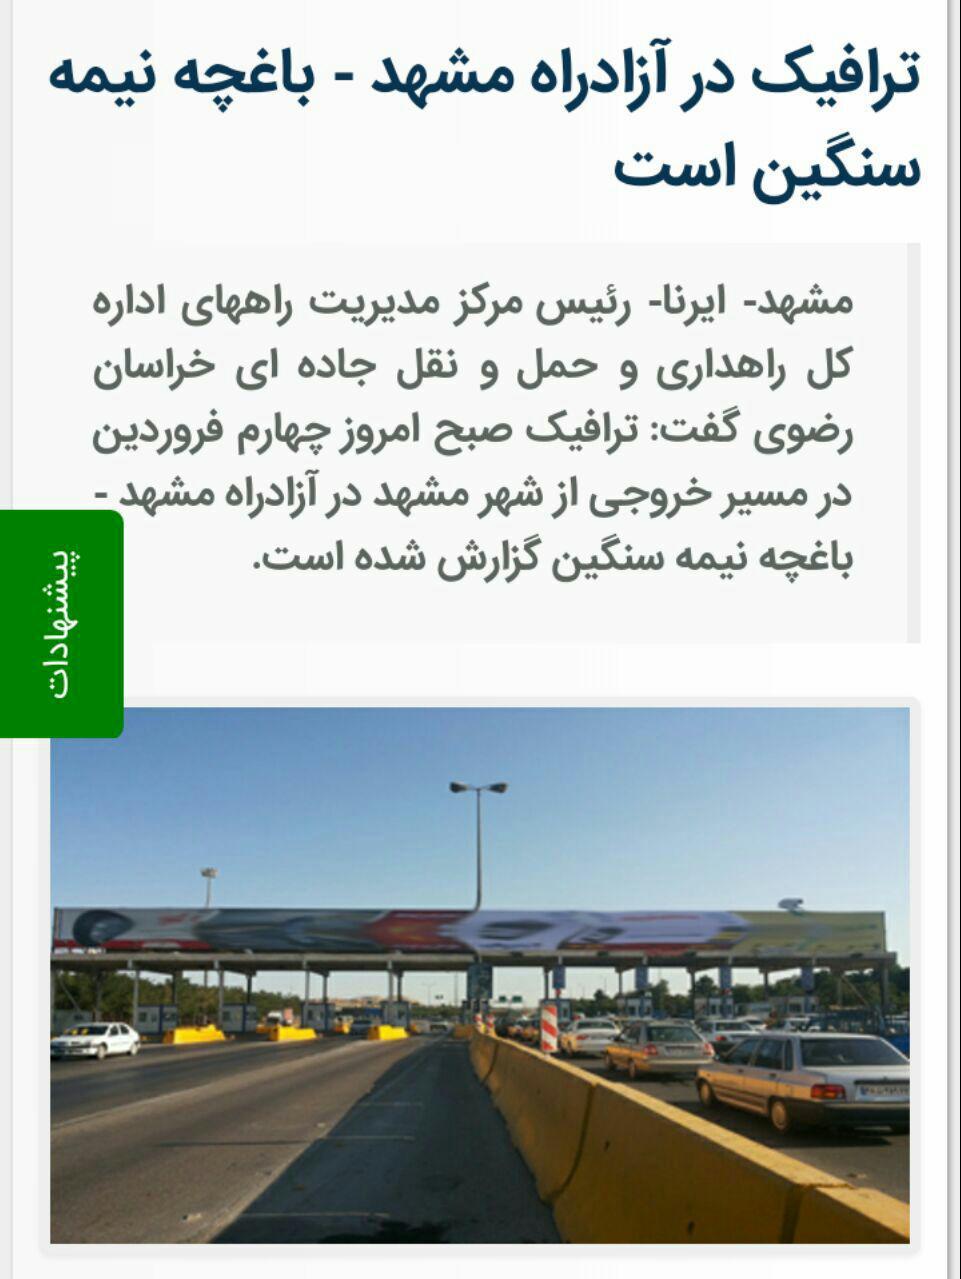 ازاد راه مشهد باغچه در ترافیک سنگین